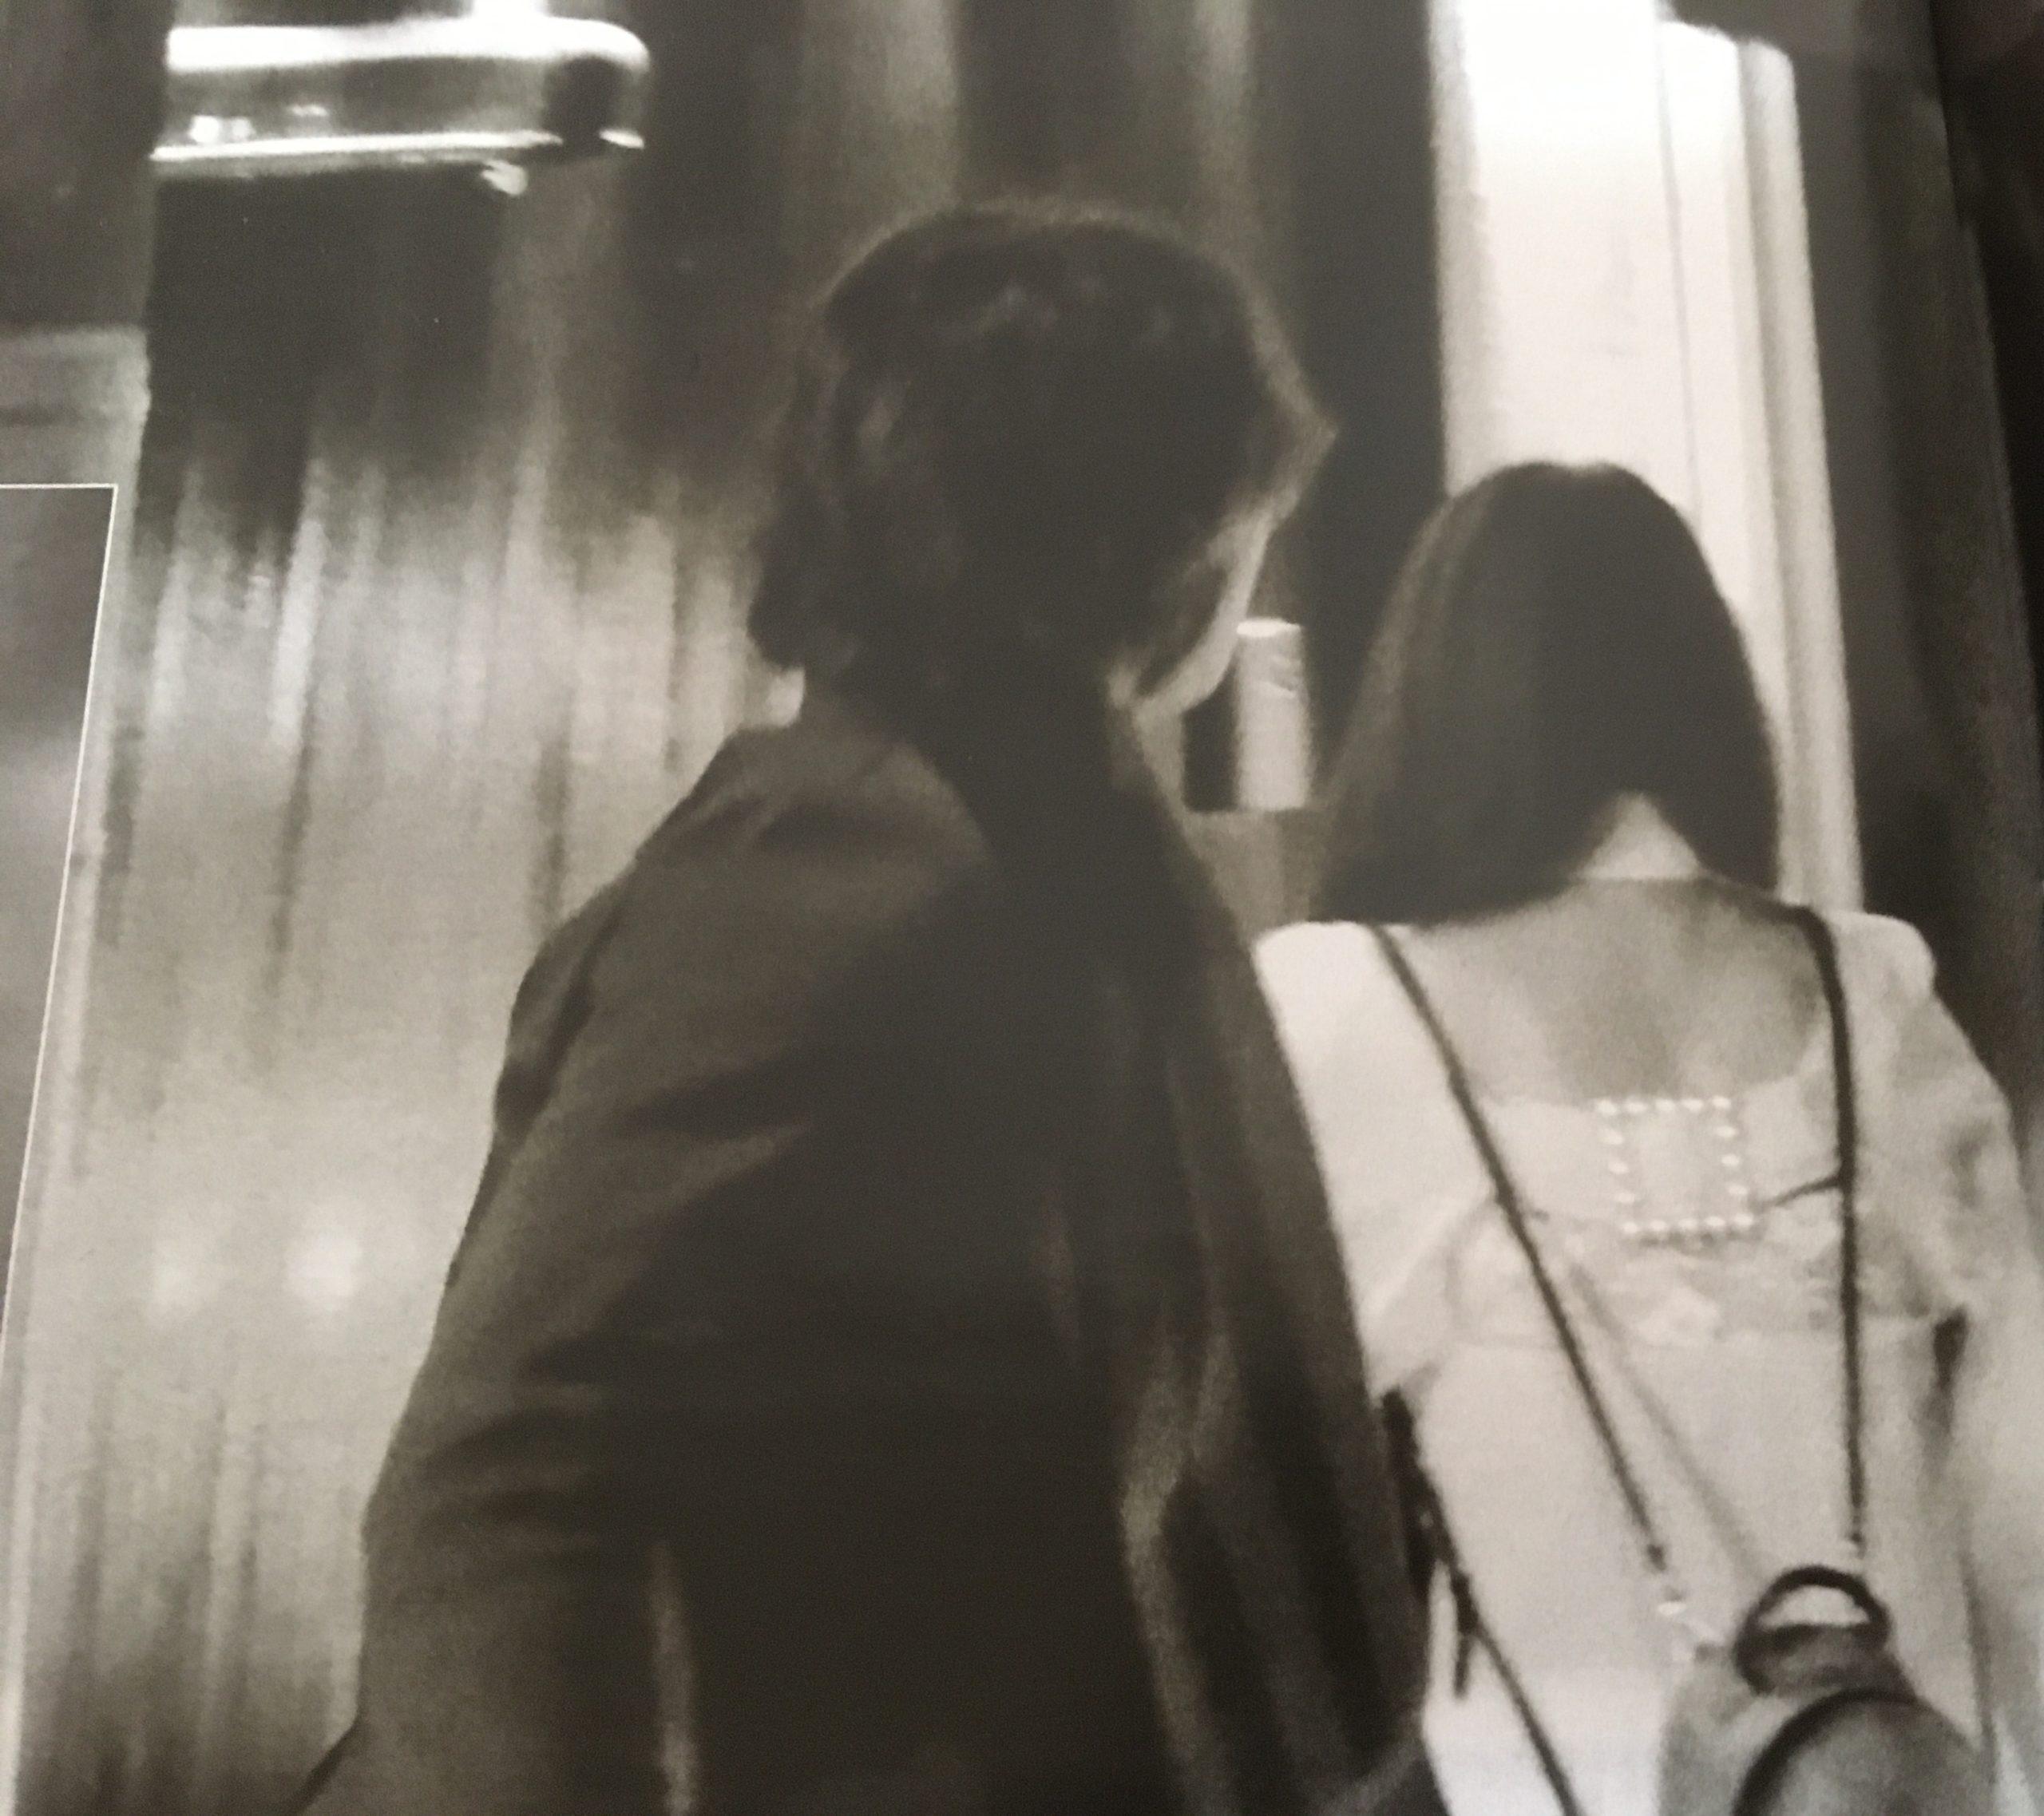 金子侑司合コンで女性との写真